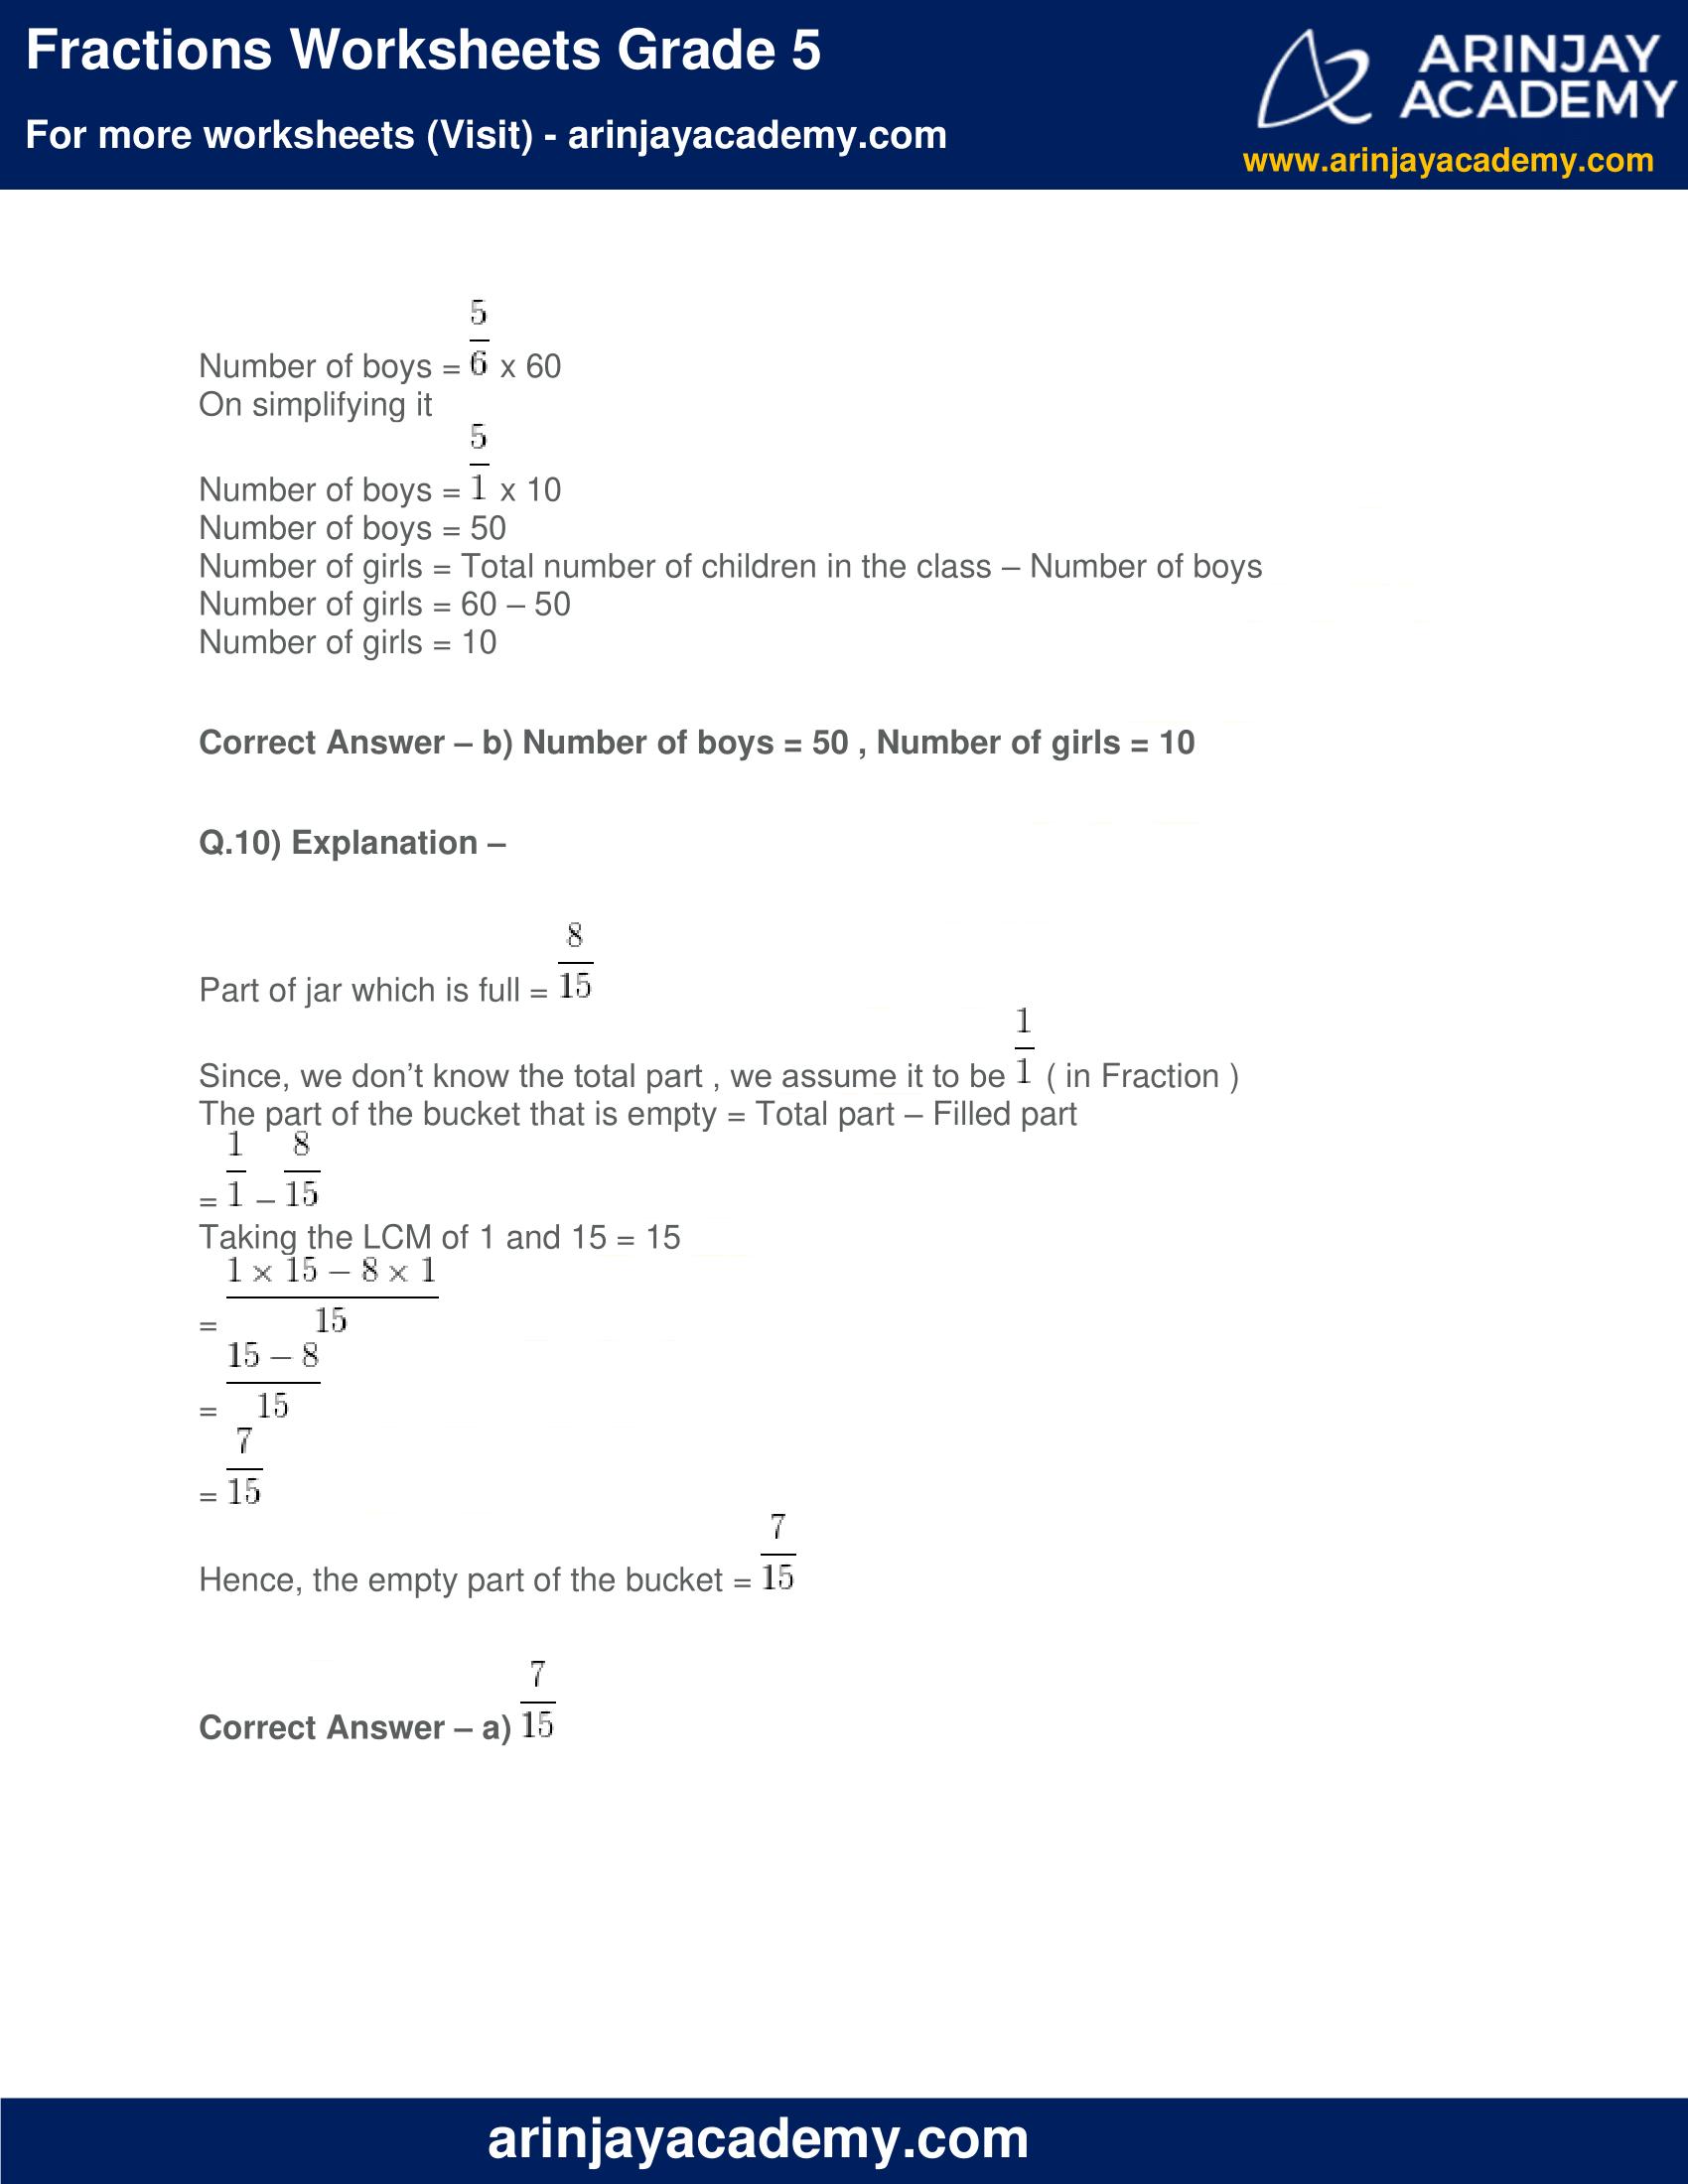 Fractions Worksheets Grade 5 image 8